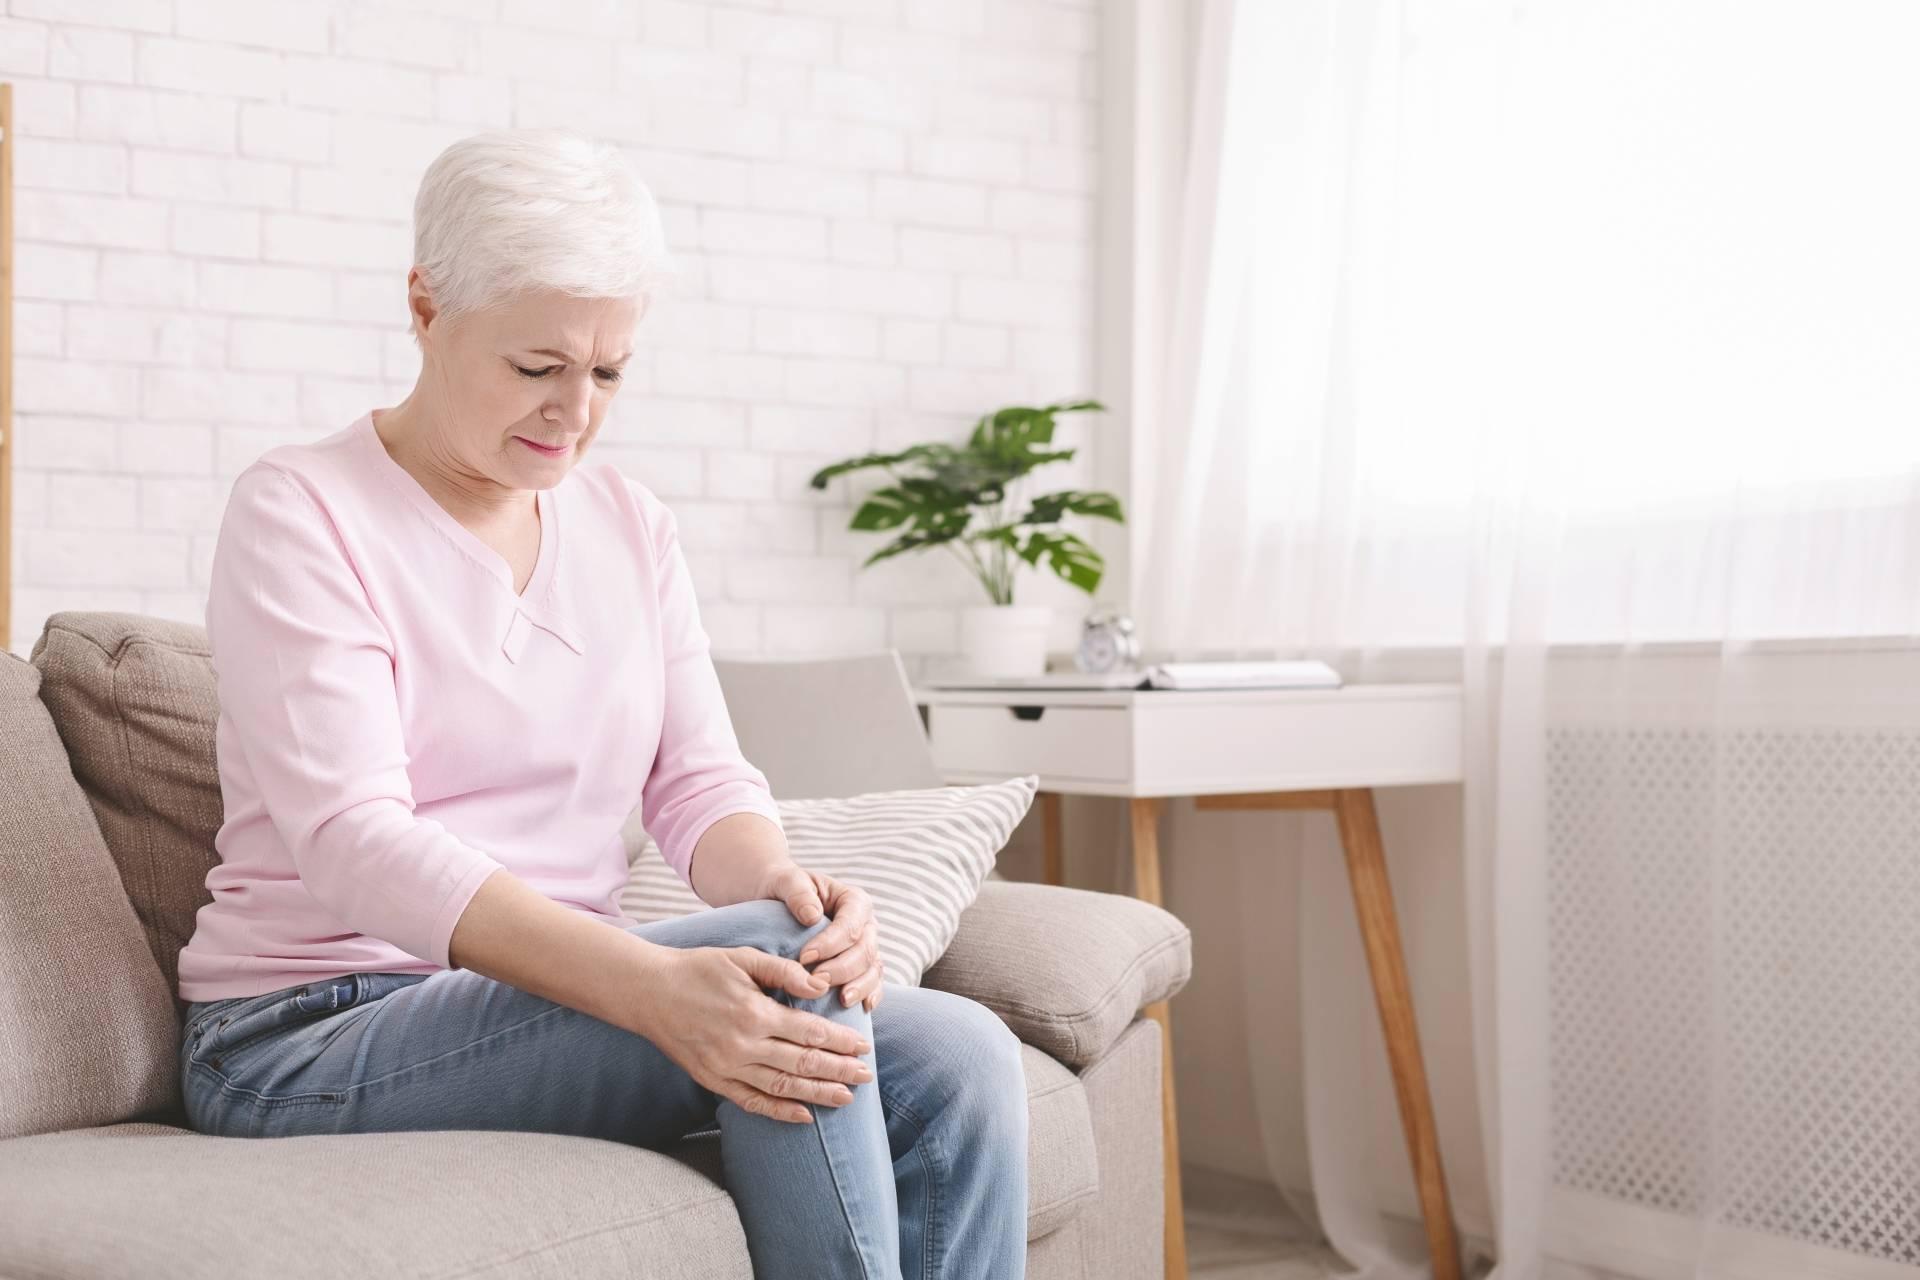 Reumatyzm i bóle reumatyczne - jak je leczyć? Starsza kobieta, seniorka, ubrana w różowy sweterek i jasnoniebieskie jeansy, siedzi w domu na kanapie i trzyma się za bolące kolano.